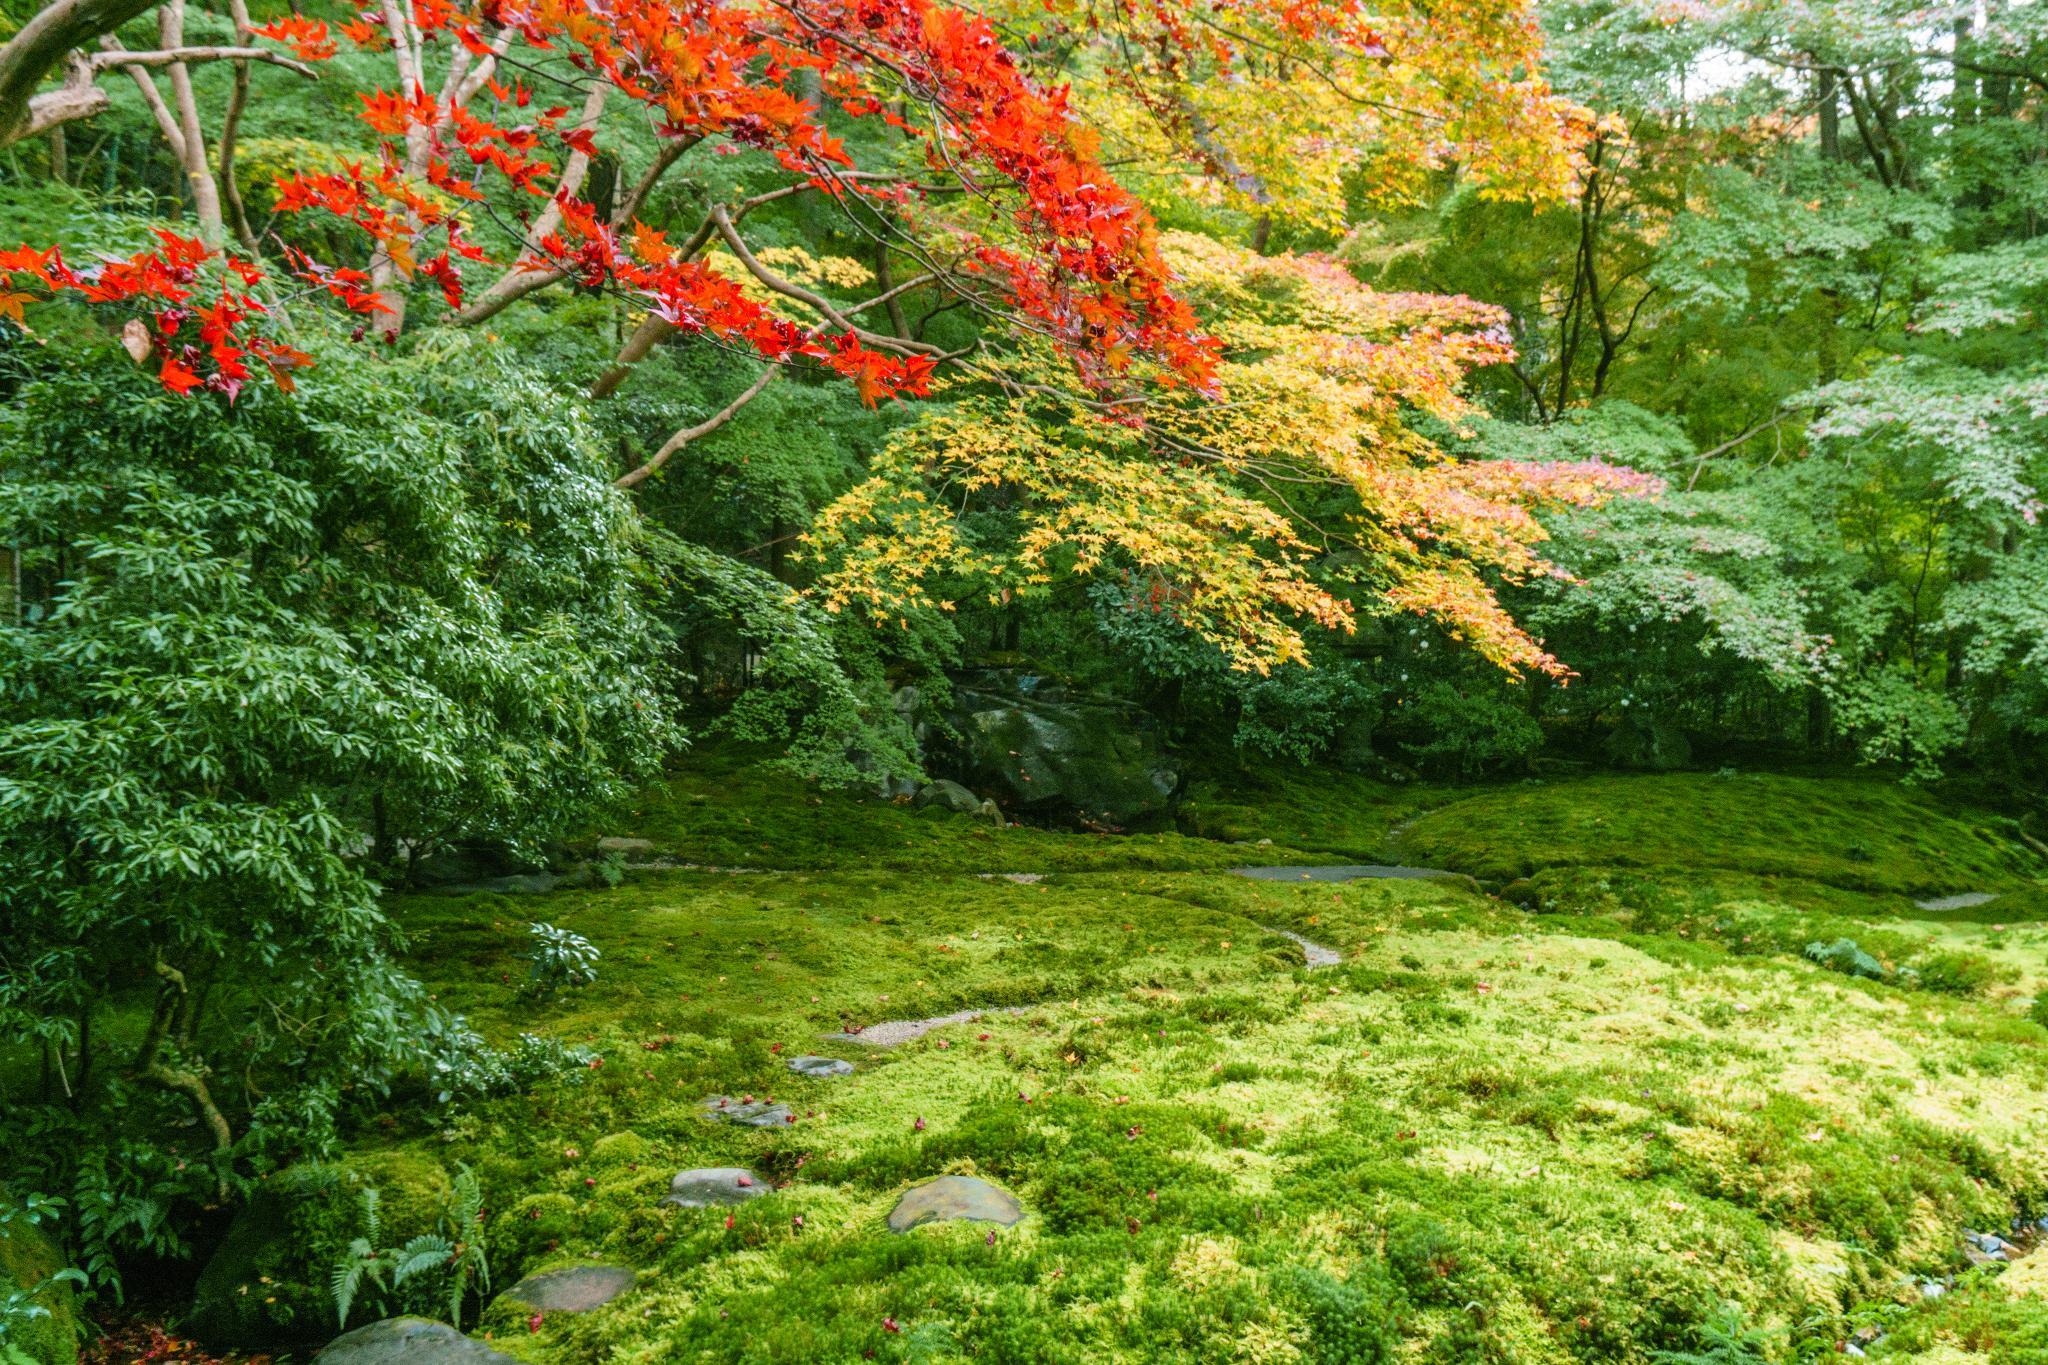 【京都】如夢似幻的琉璃光影 - 八瀨琉璃光院 68